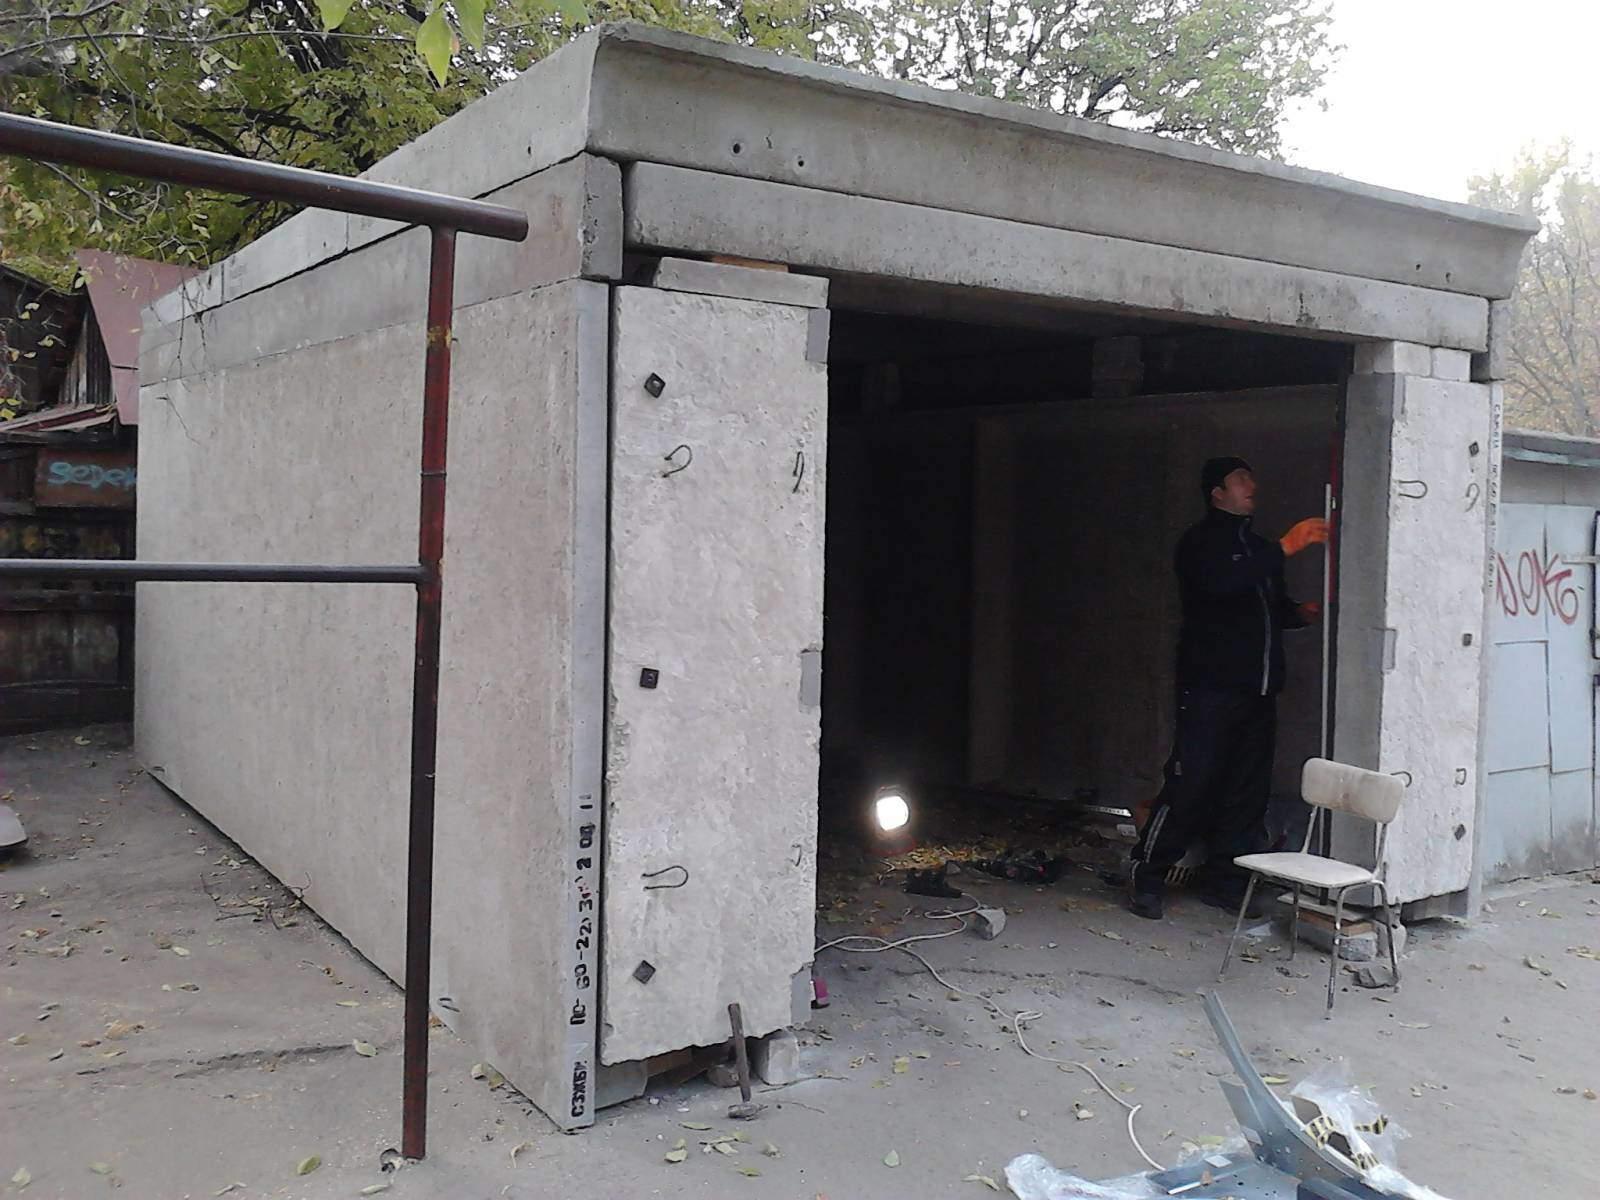 Garaj nasıl yalıtılır